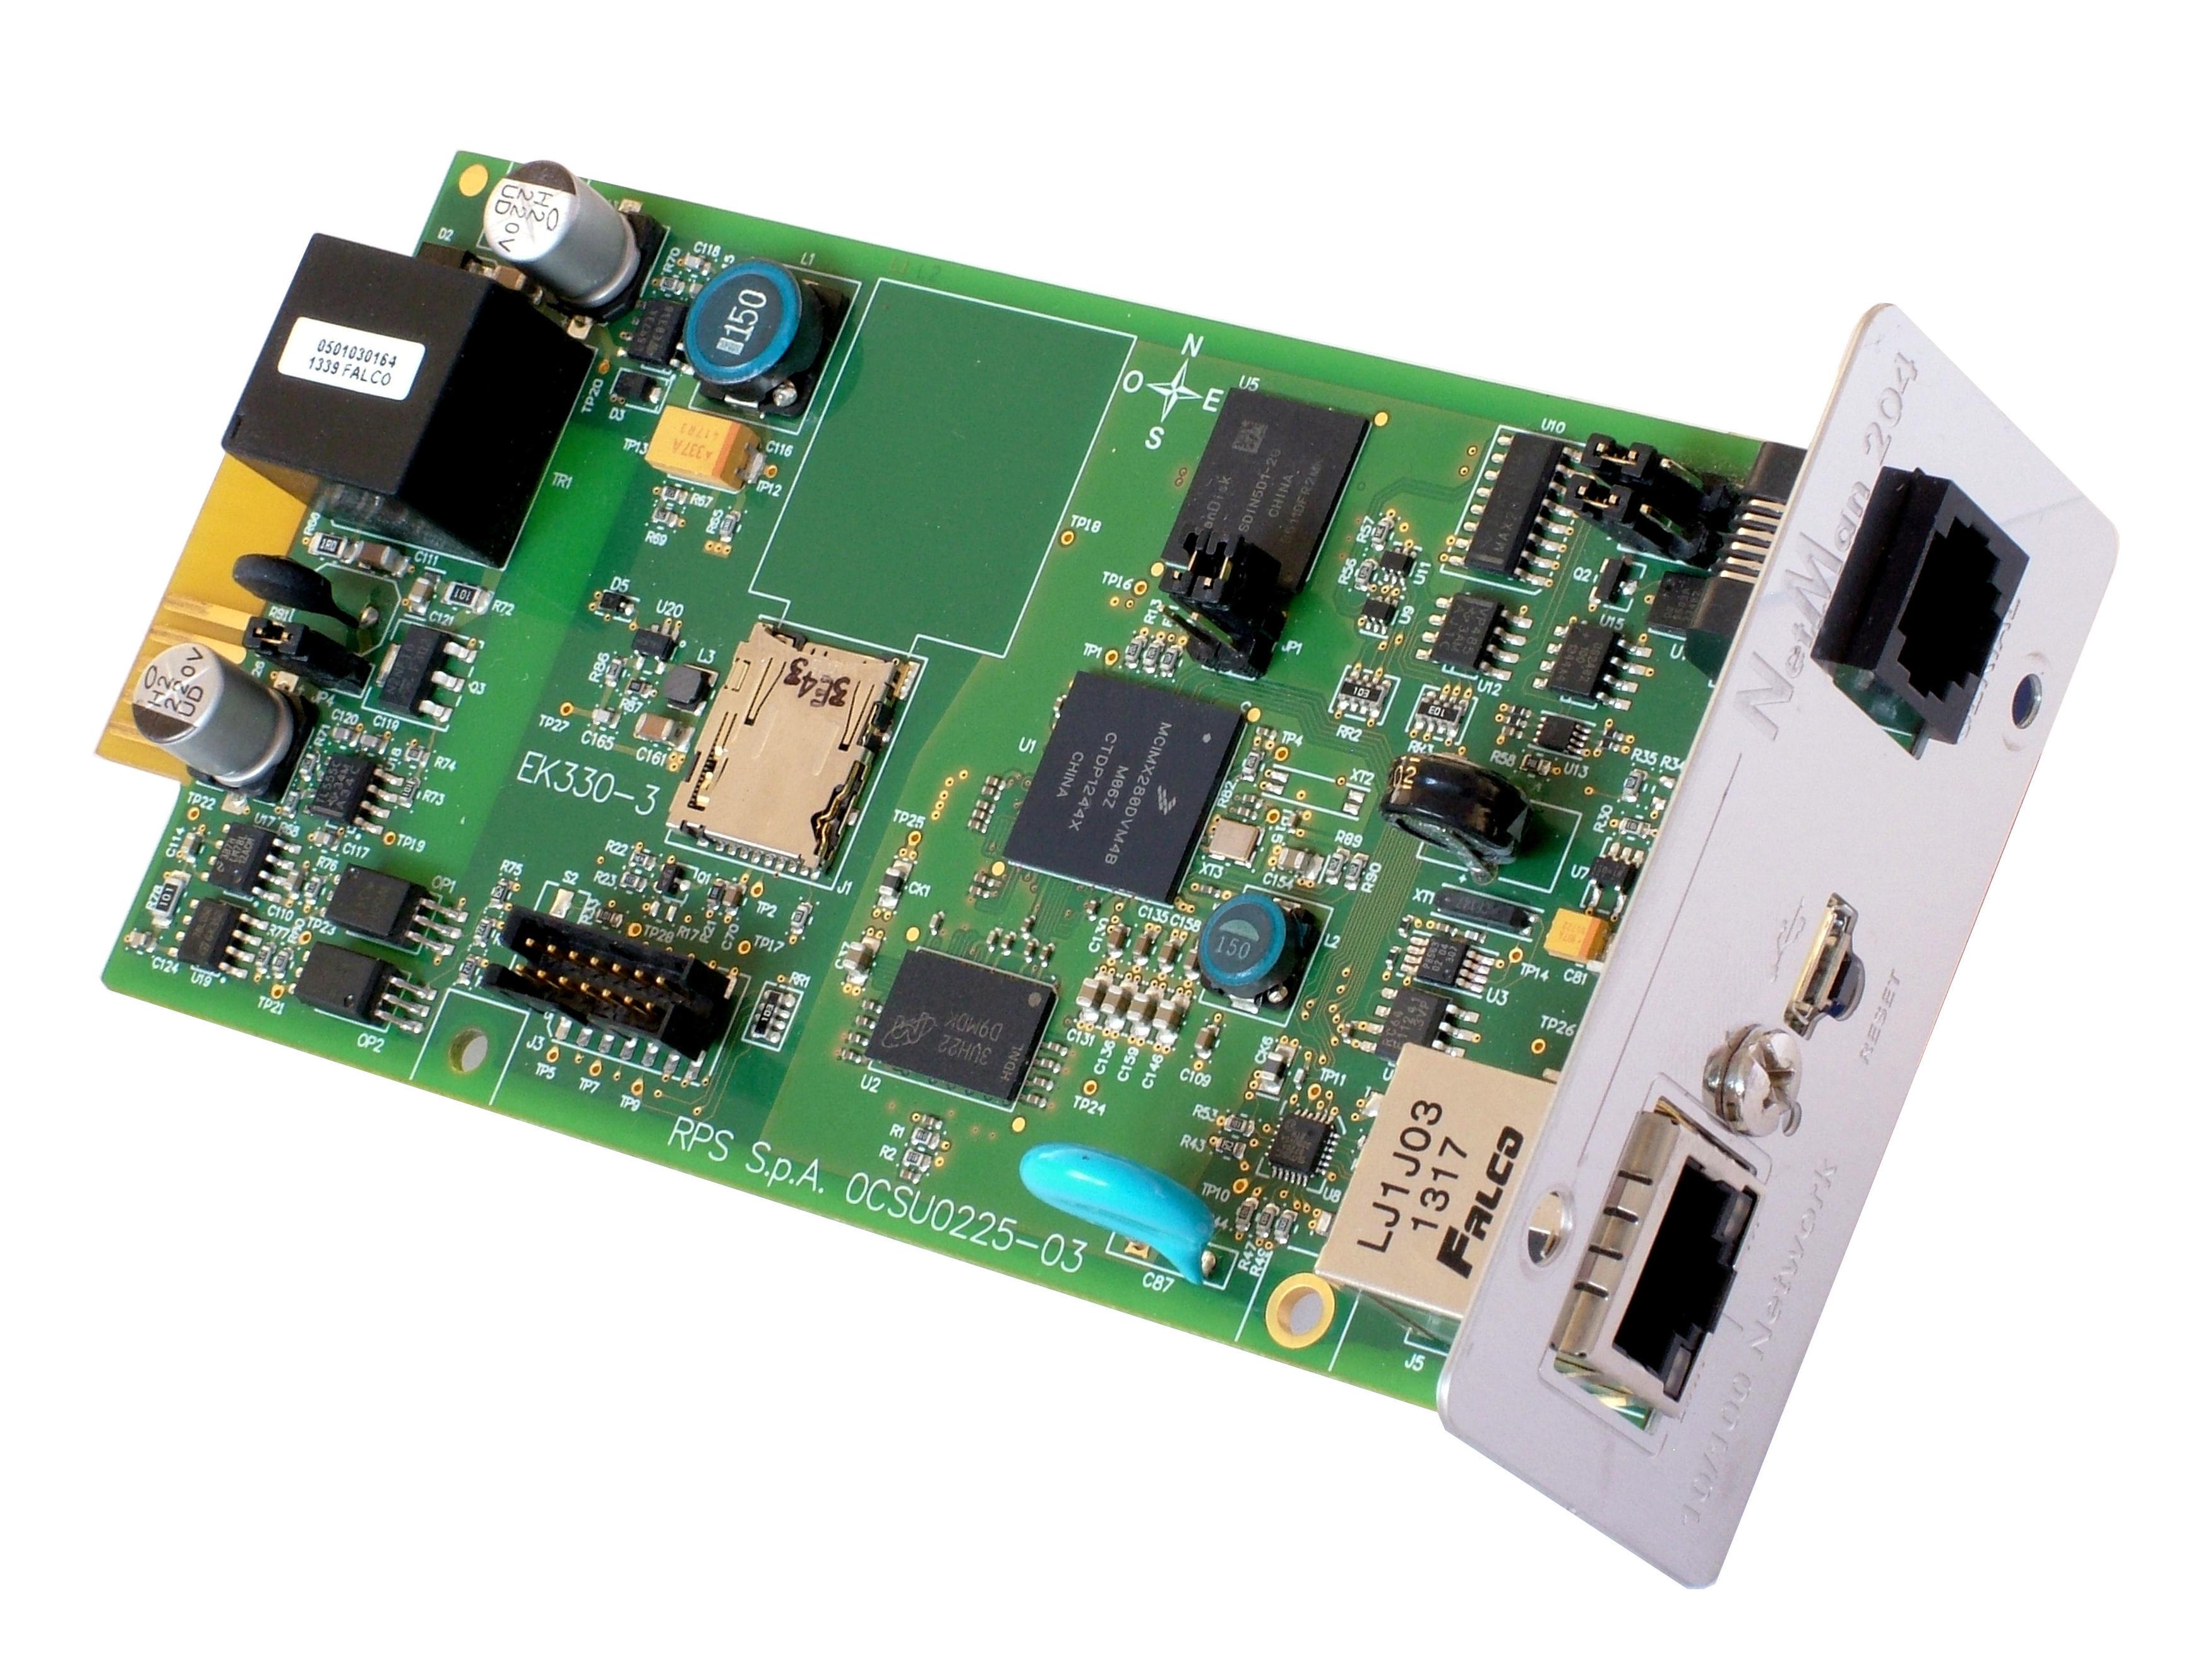 1 Stk Einschubkarte um USV an IP-Netzwerk anzuschließen (SNMP-Ad.) USNETMA204